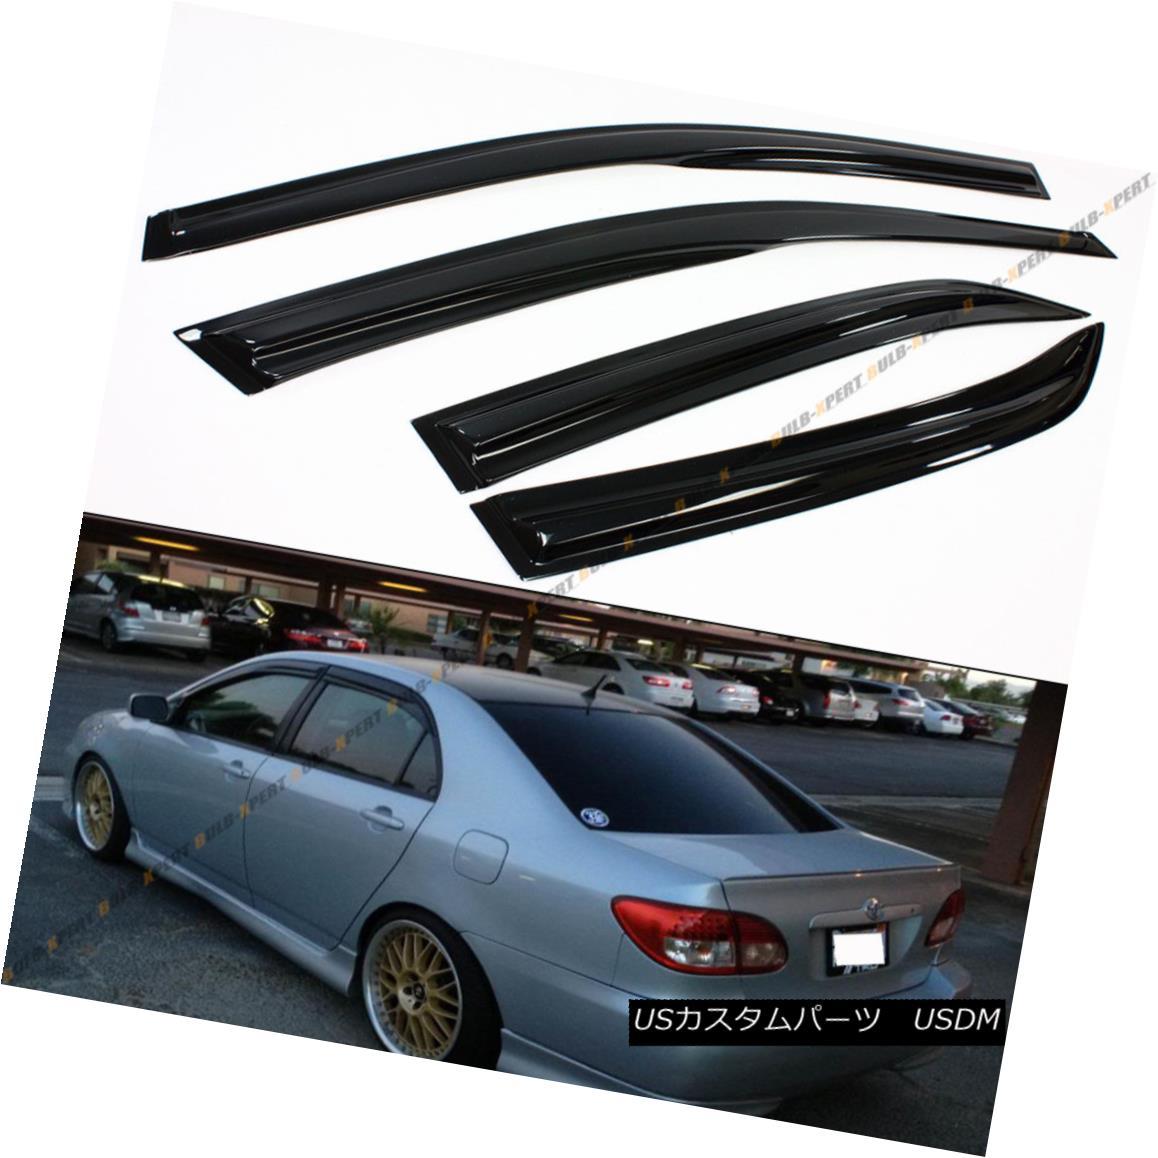 エアロパーツ JDM WAVY 3D STYLE SMOKED WINDOW VISOR VENT SHADE FOR 2003-2008 TOYOTA COROLLA 2003?2008年トヨタコーラのJDM WAVY 3D STYLE SMOOKED WINDOW VISOR VENT SHADE